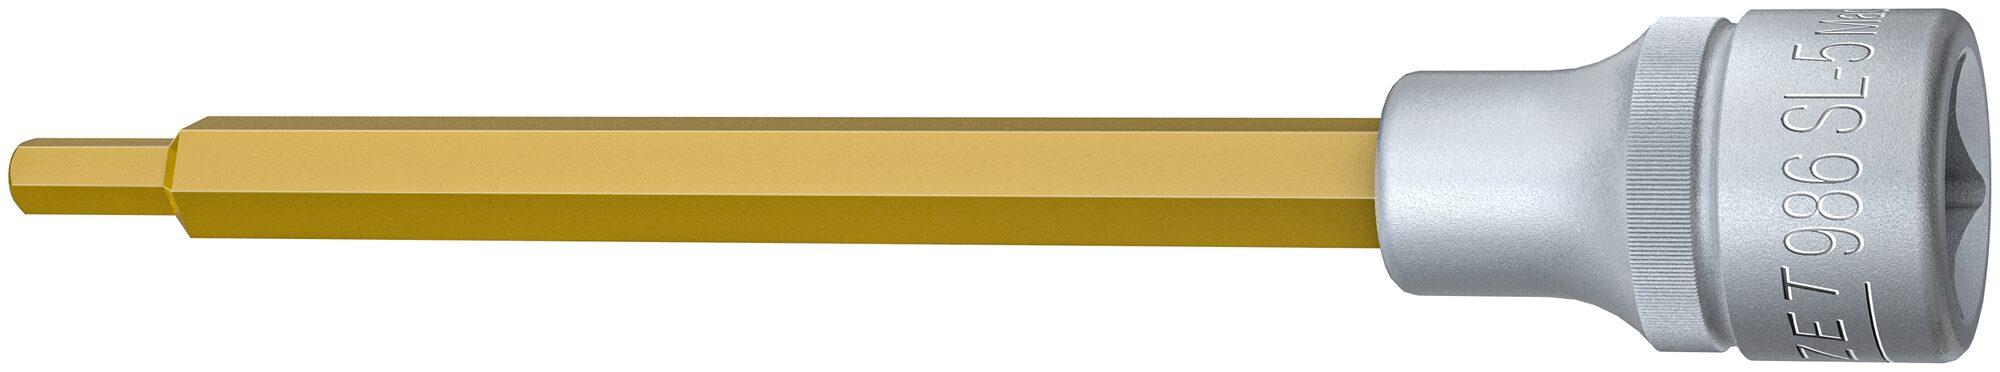 HAZET Schraubendreher-Steckschlüsseleinsatz 986SL-5 ∙ Vierkant hohl 12,5 mm (1/2 Zoll) ∙ Innen-Sechskant Profil ∙ 5 mm